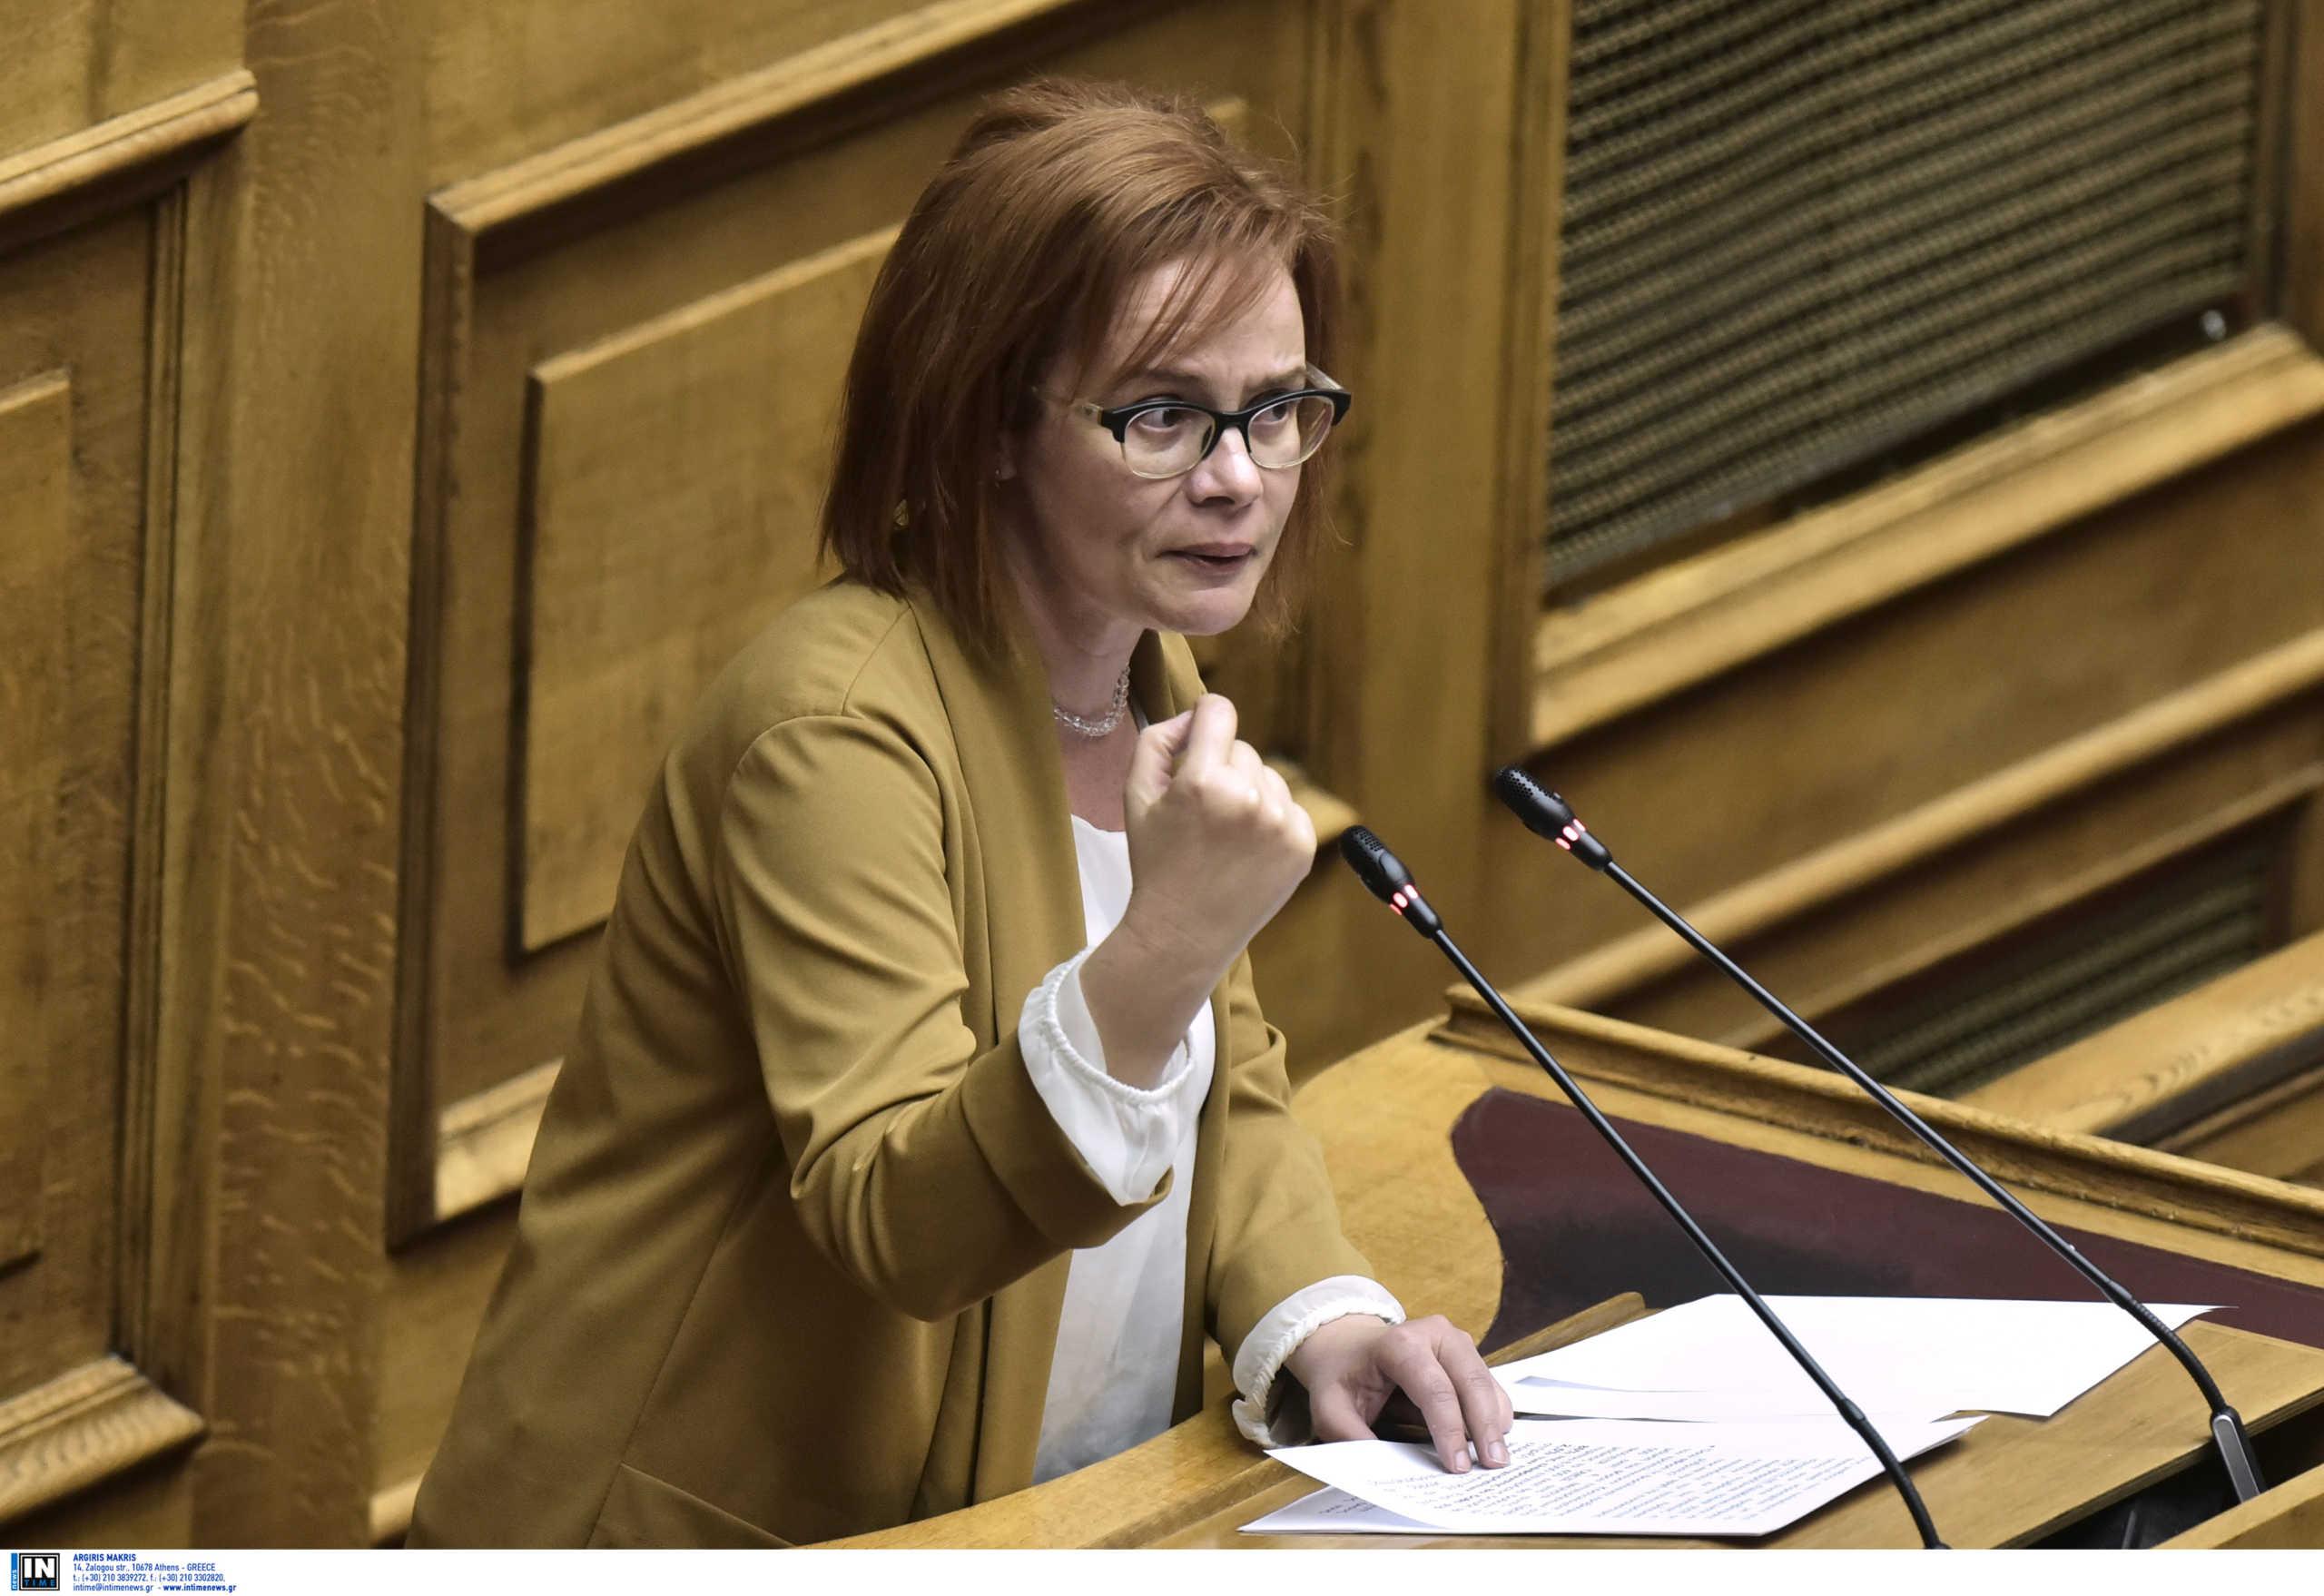 Σκούφα (βουλευτής ΣΥΡΙΖΑ): Μήπως τα αγγλικά στο νηπιαγωγείο είναι αμερικανική απαίτηση; (video)